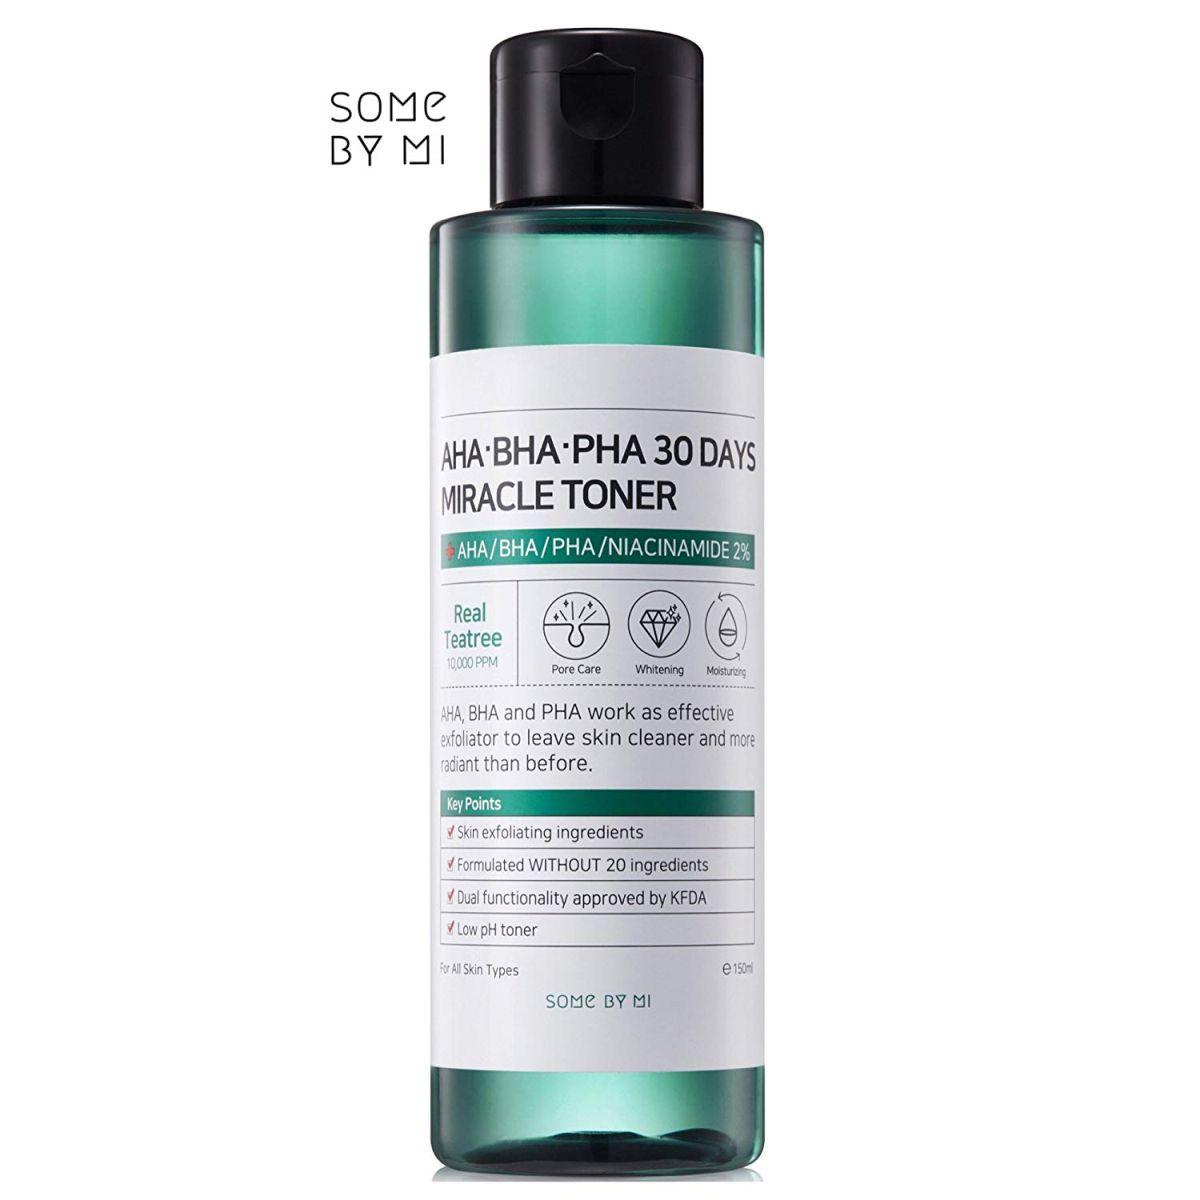 Кислотный тоник для проблемной кожи Some By Mi AHA-BHA-PHA 30 Days Miracle Toner - 150 мл